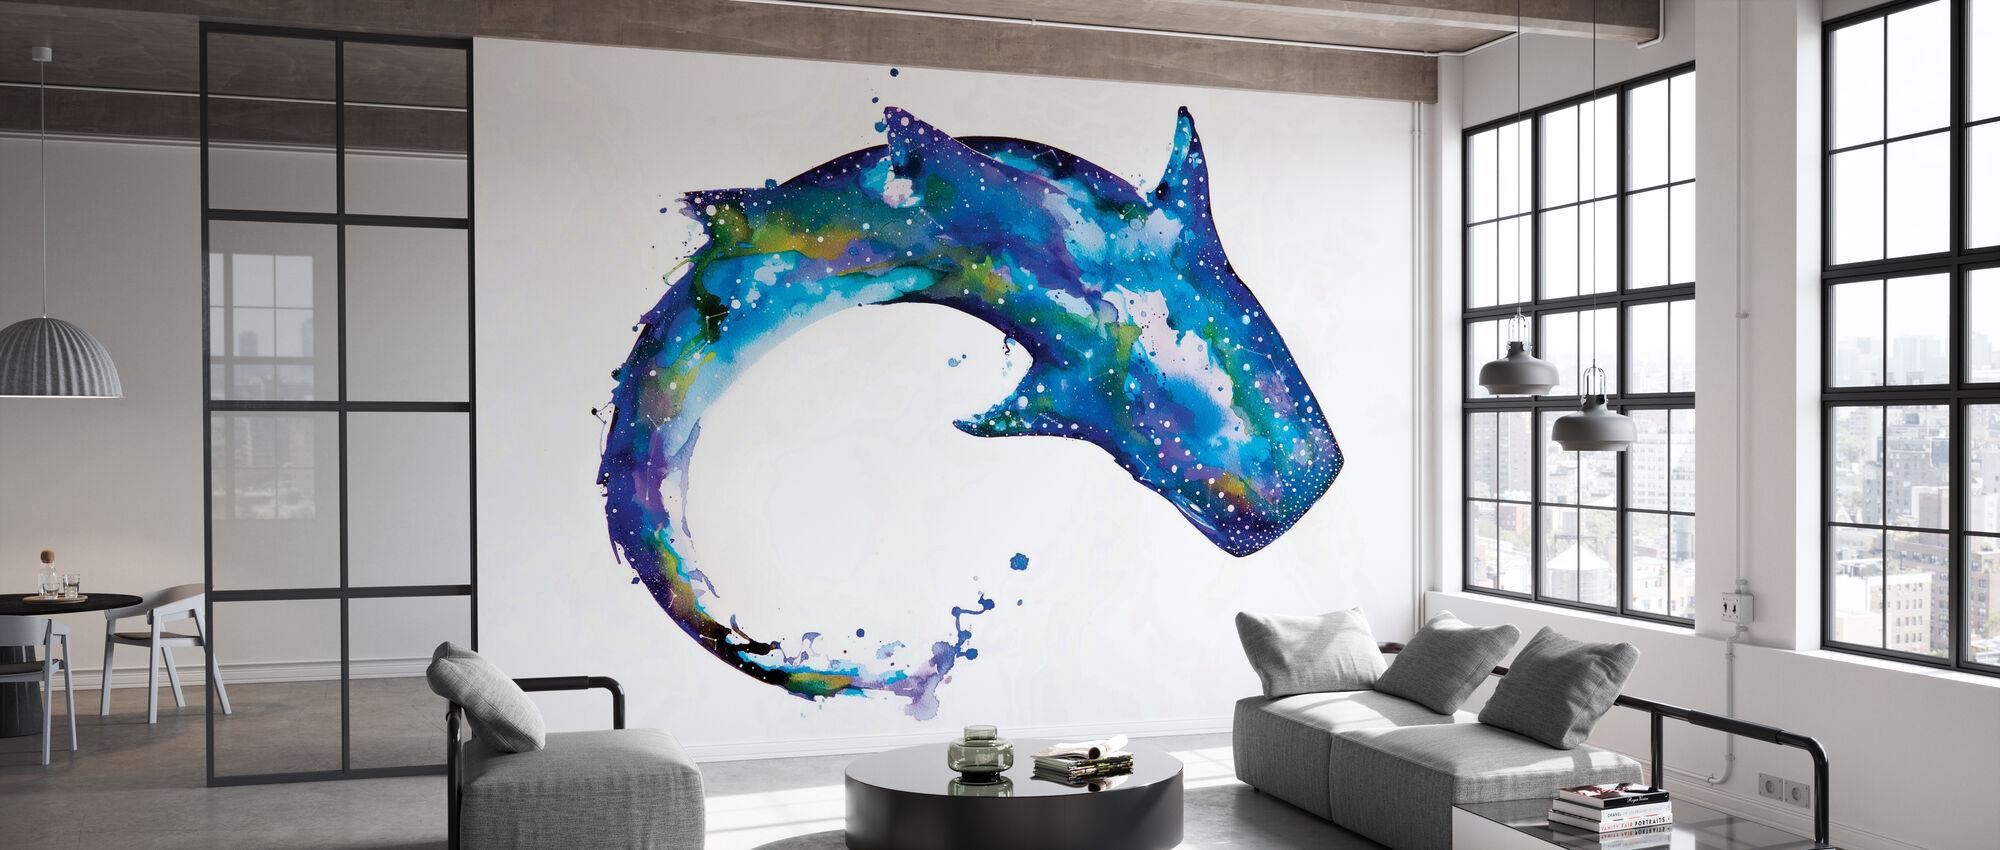 Celestial - Wallpaper - Office